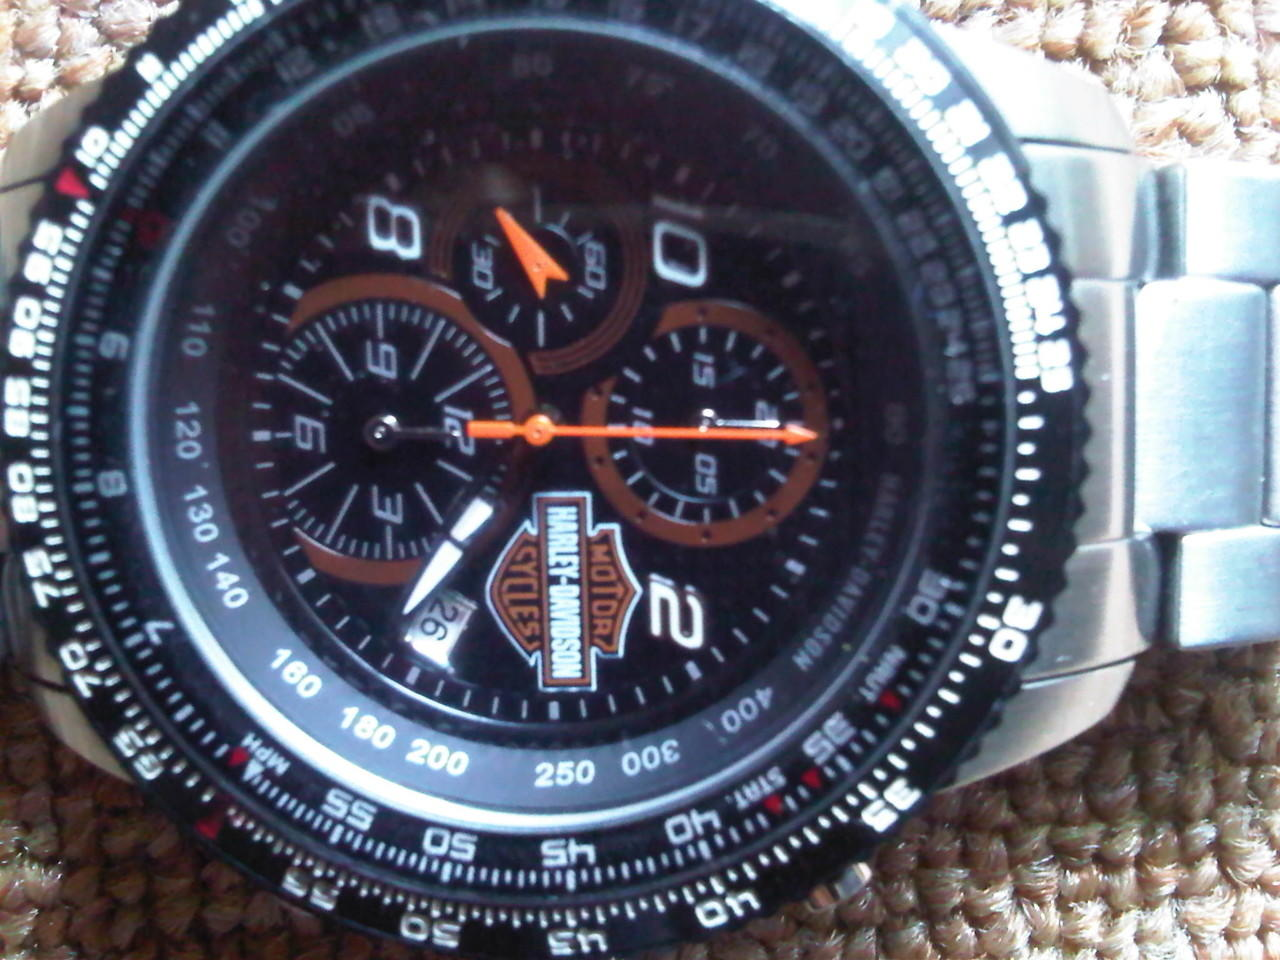 Terjual WTS jam tangan original Harley Davidson  20d8720ad9